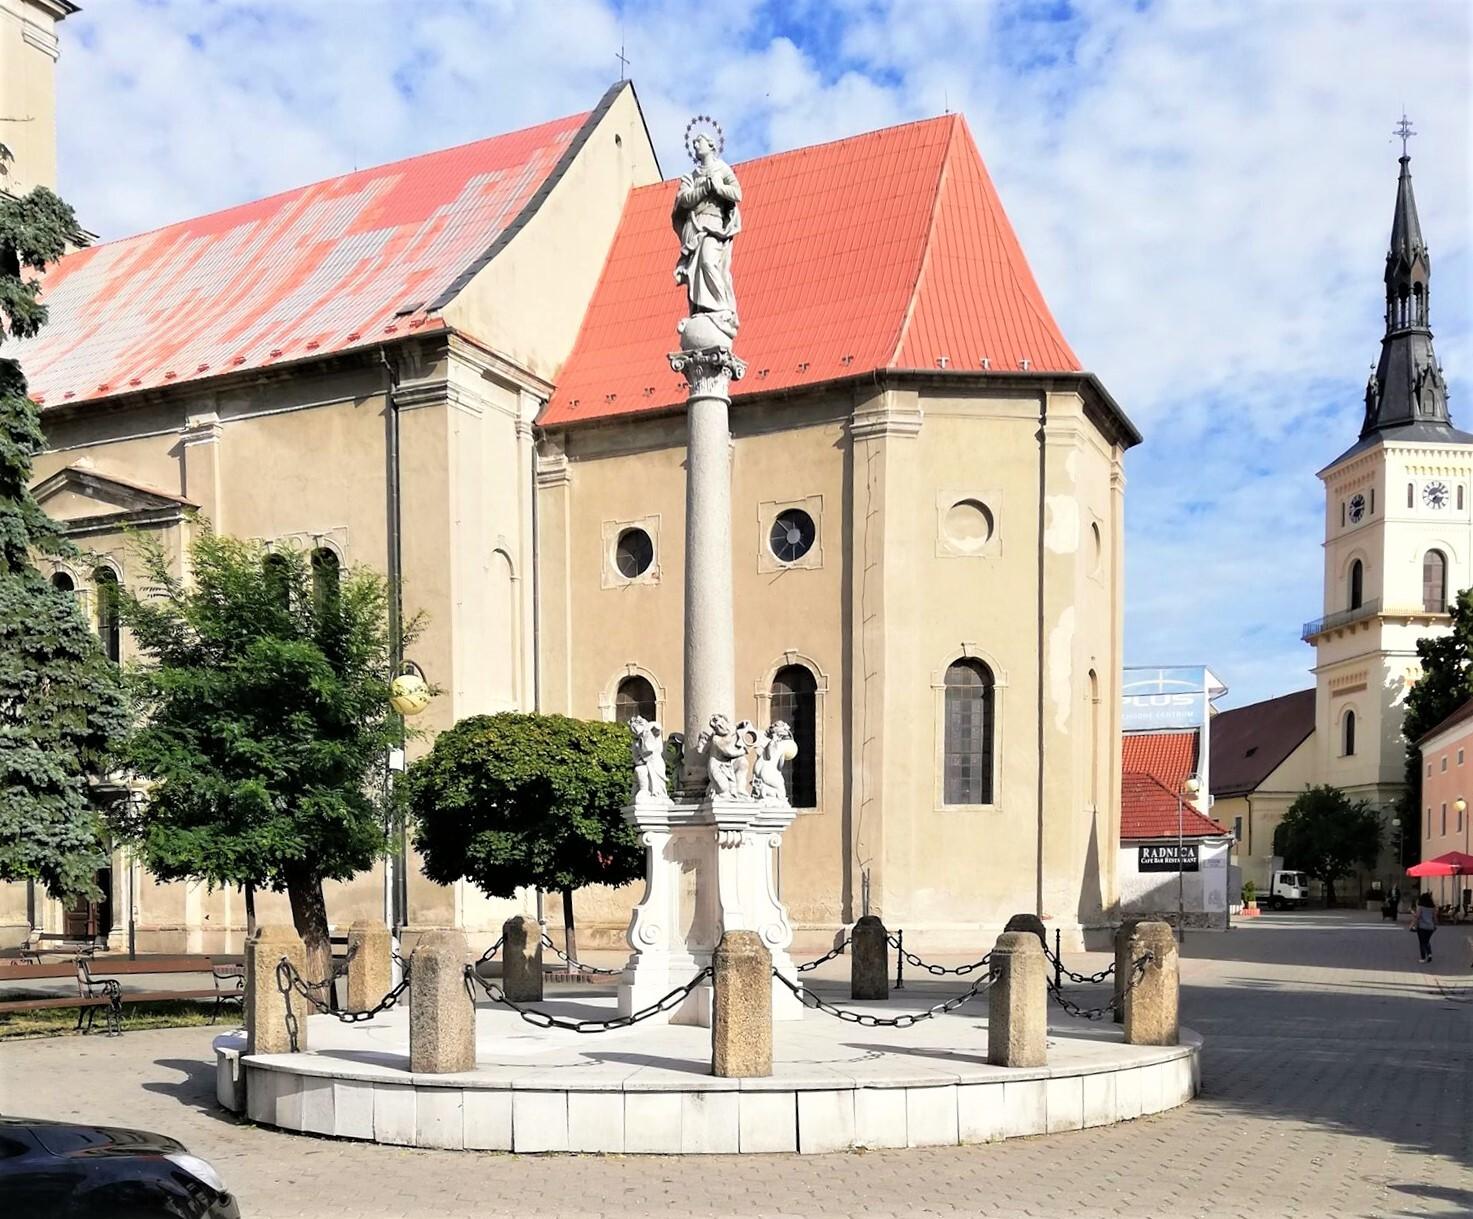 марианская колонна, Пезинок; (c) Катарина Зелинкова